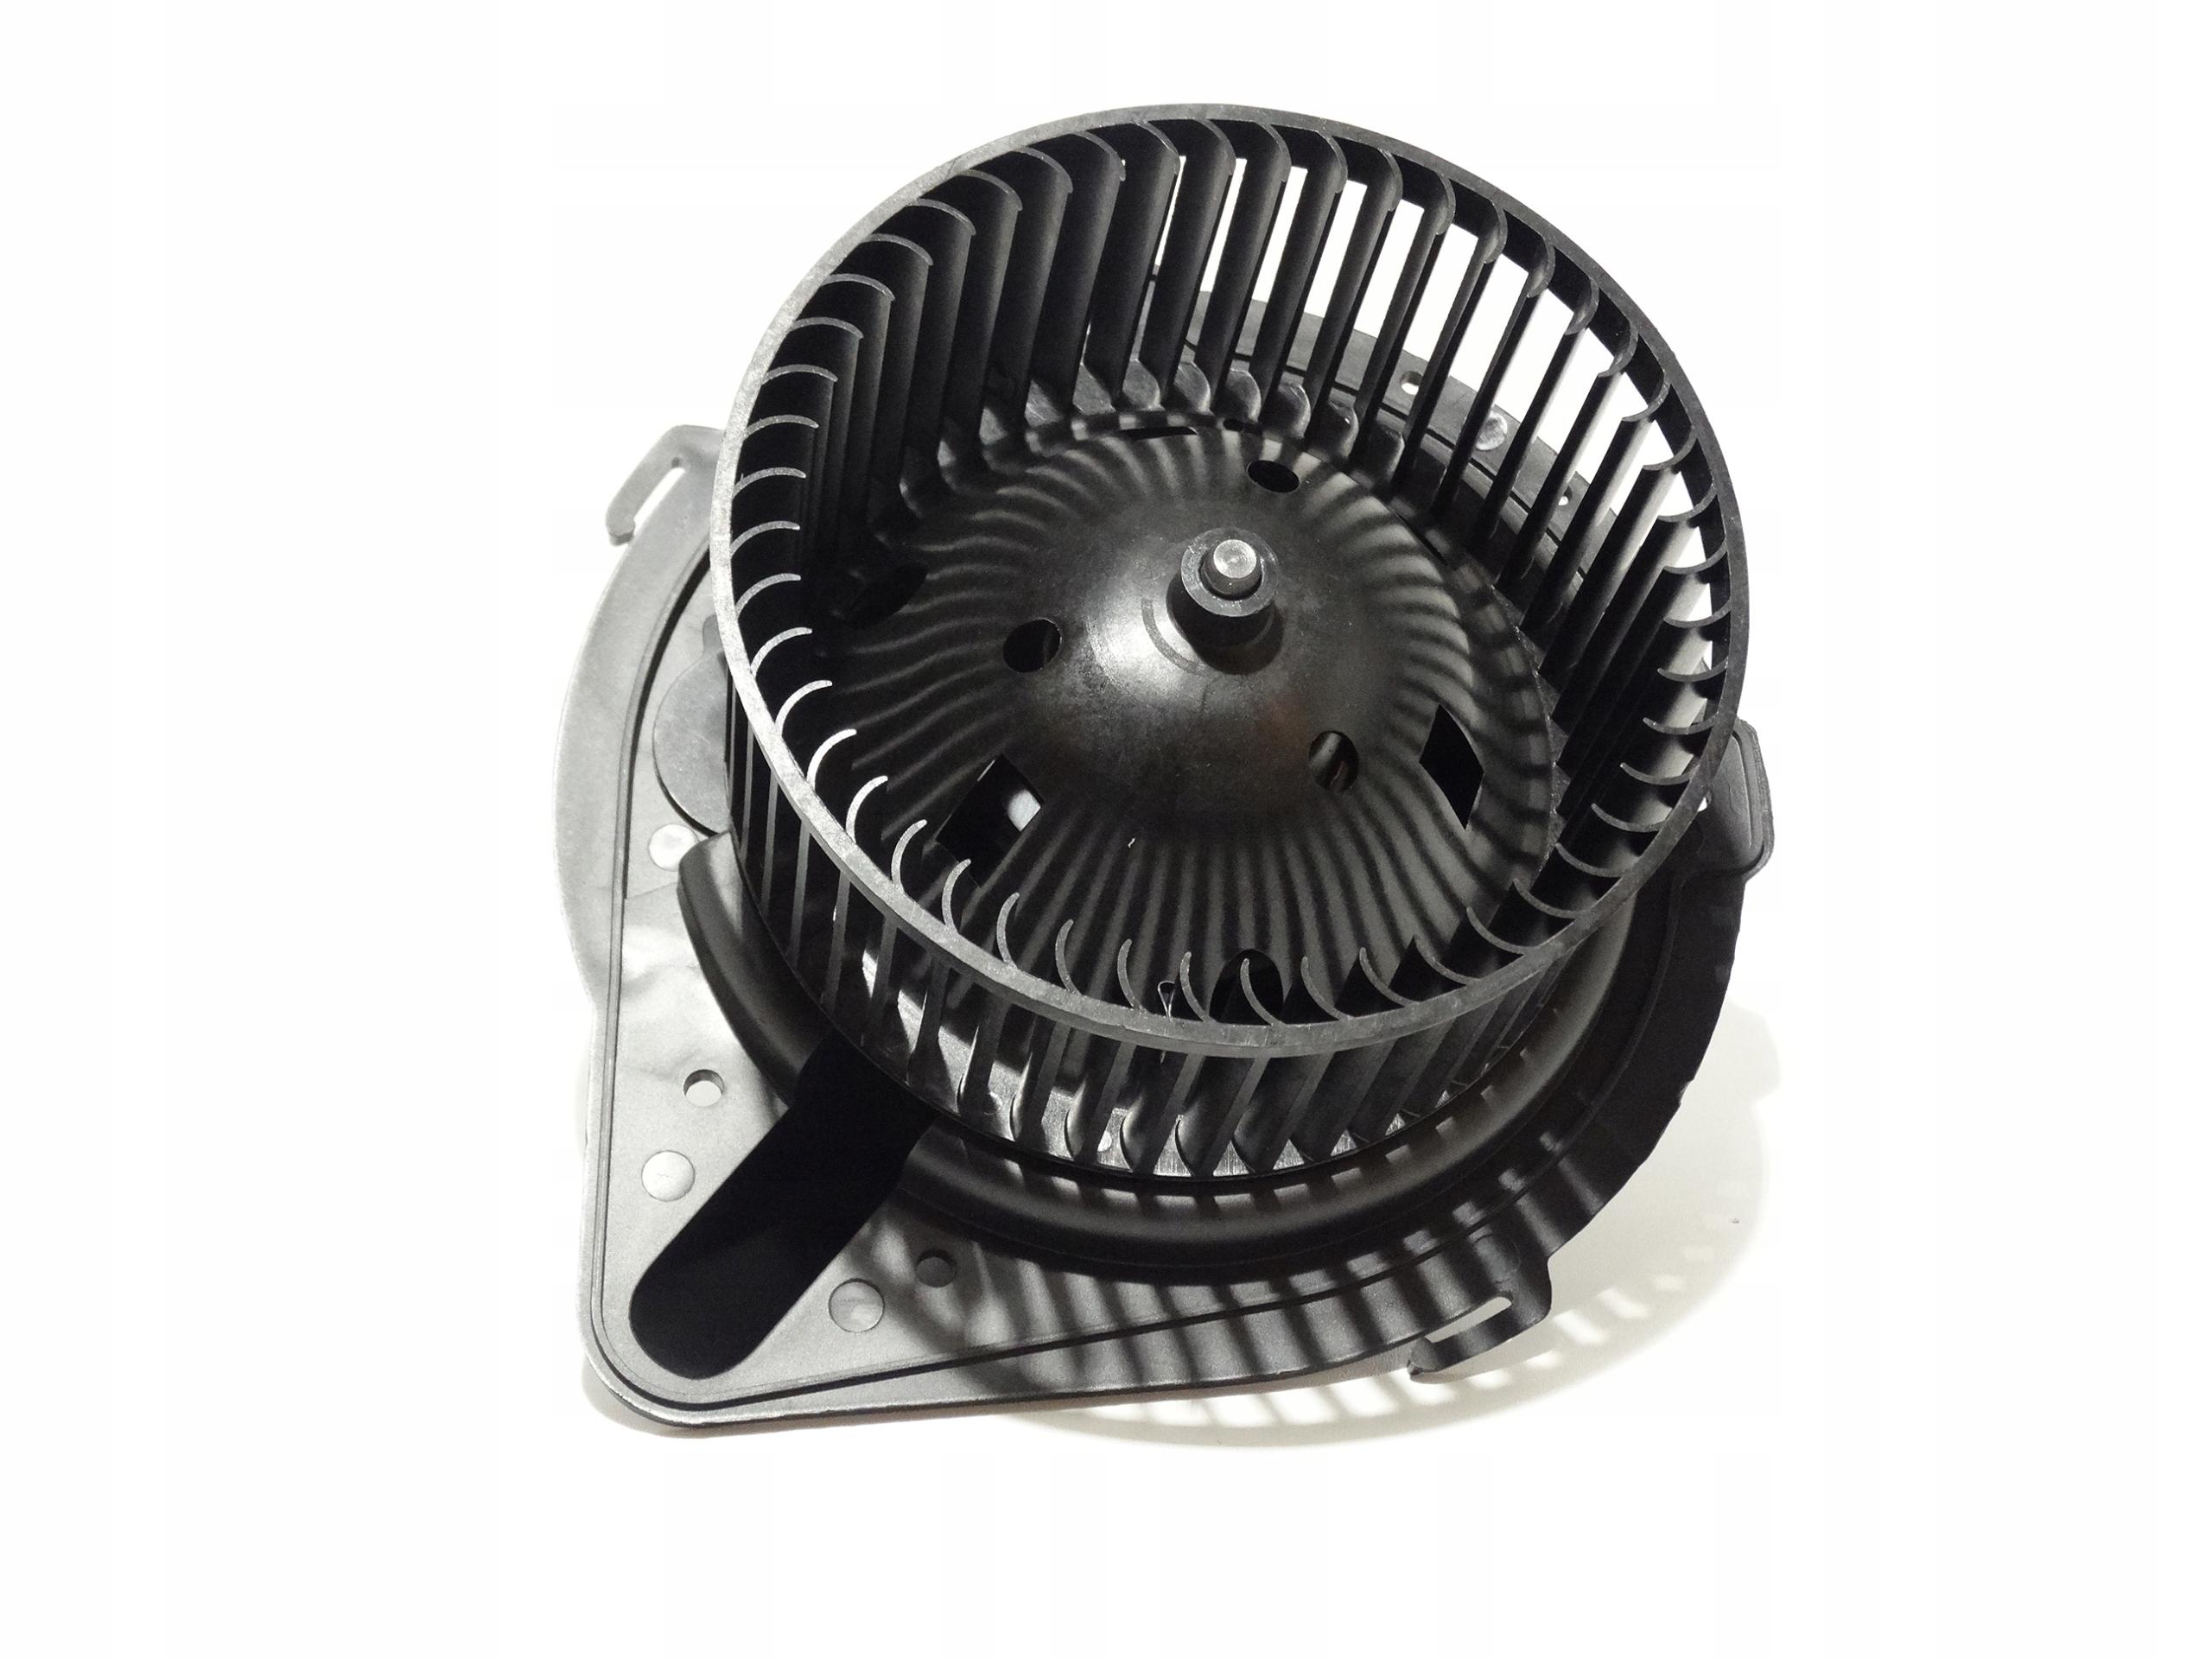 вентилятор пв вентилятор audi a4 b5 1994-2001